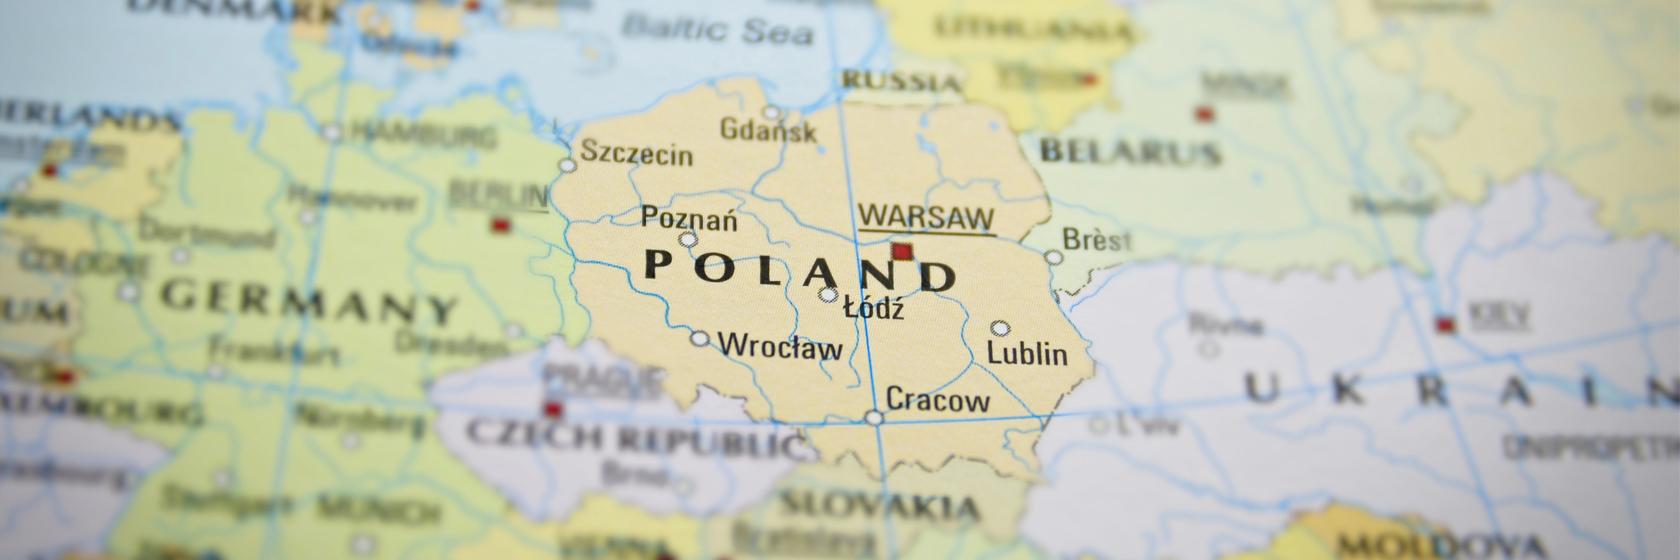 Polska dating webbplatser